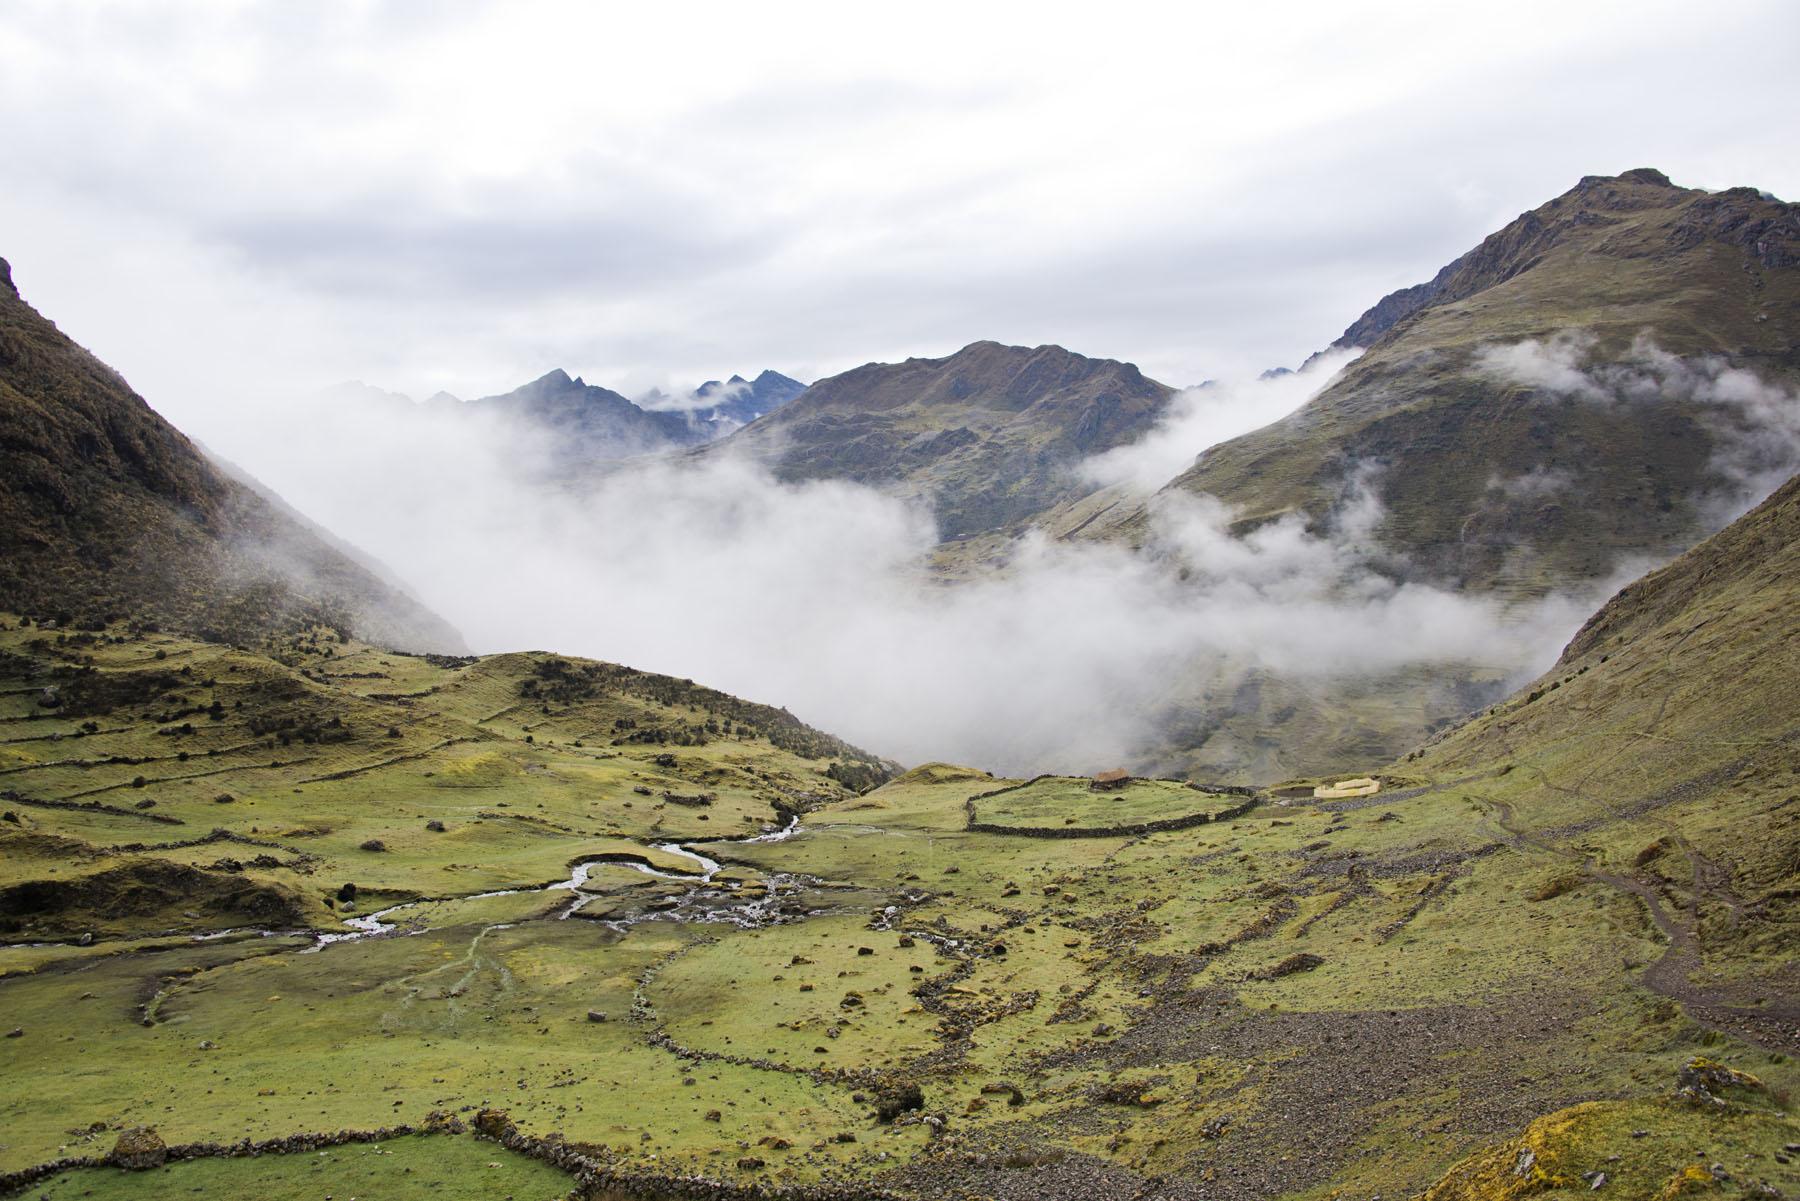 160-Peru-5-15_web_web.jpg